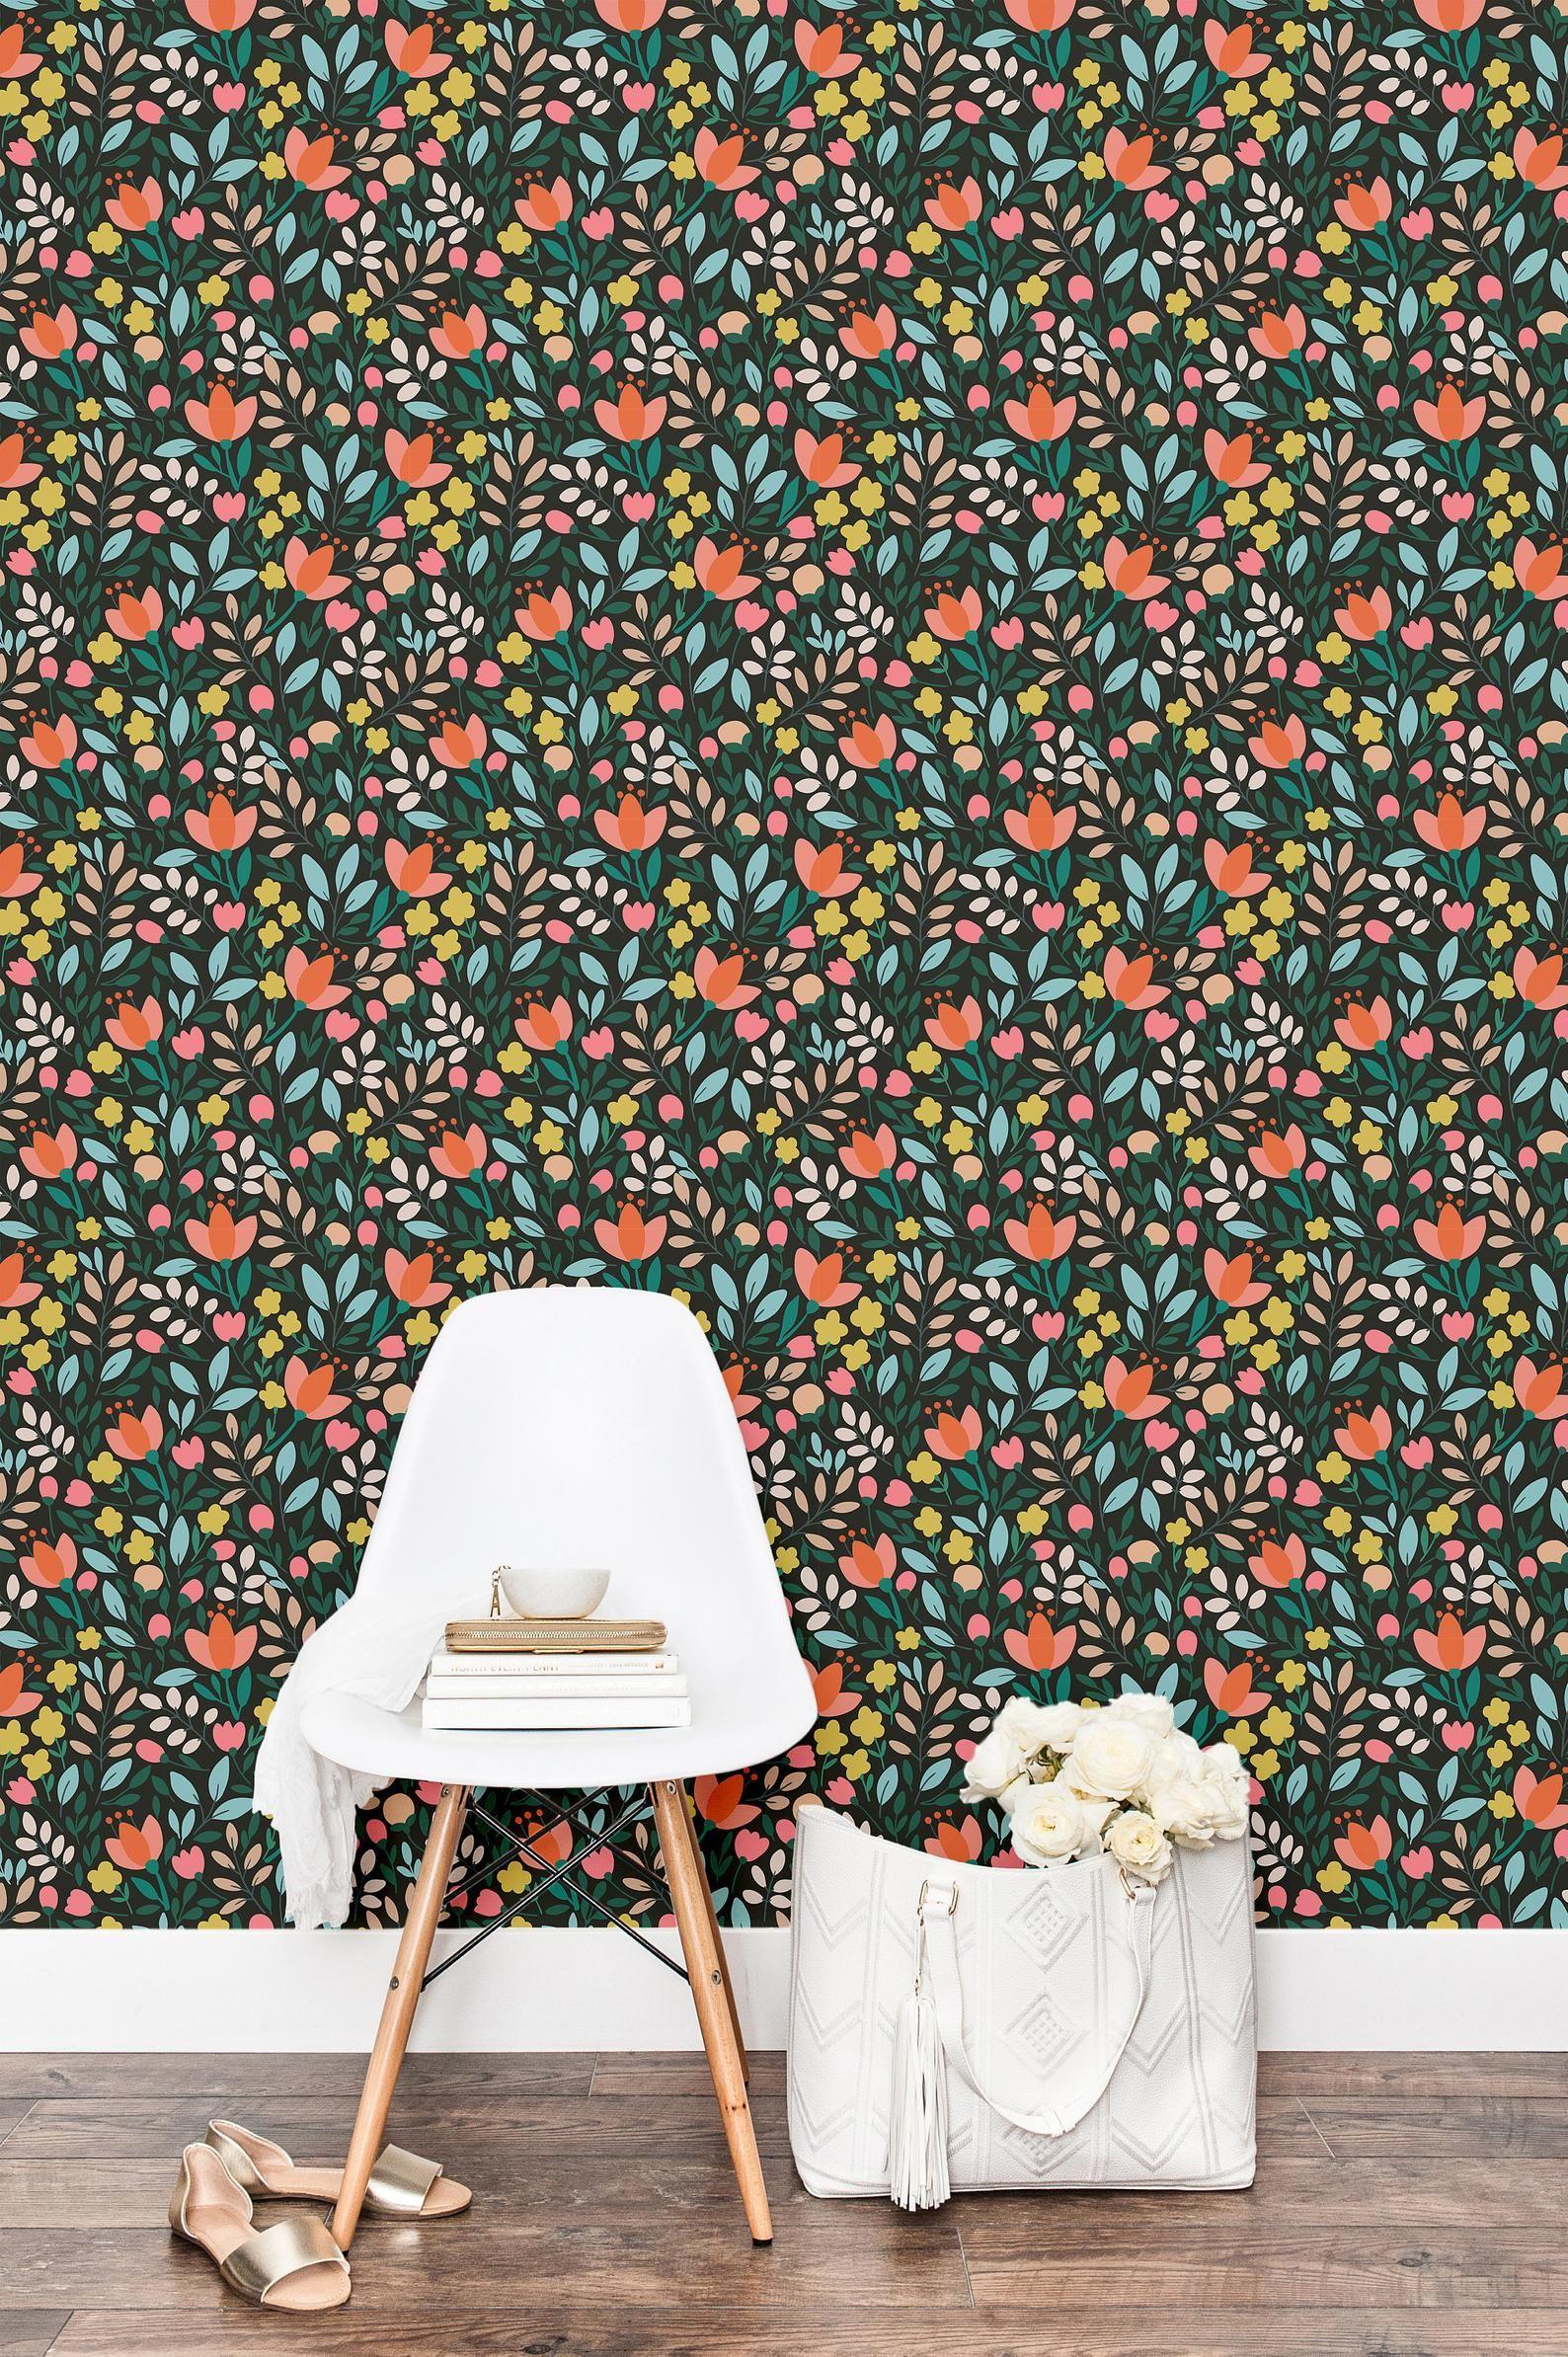 Removable Vintage Floral Wallpaper Floral Self Adhesive Etsy In 2020 Vintage Floral Wallpapers Floral Wallpaper Self Adhesive Wallpaper